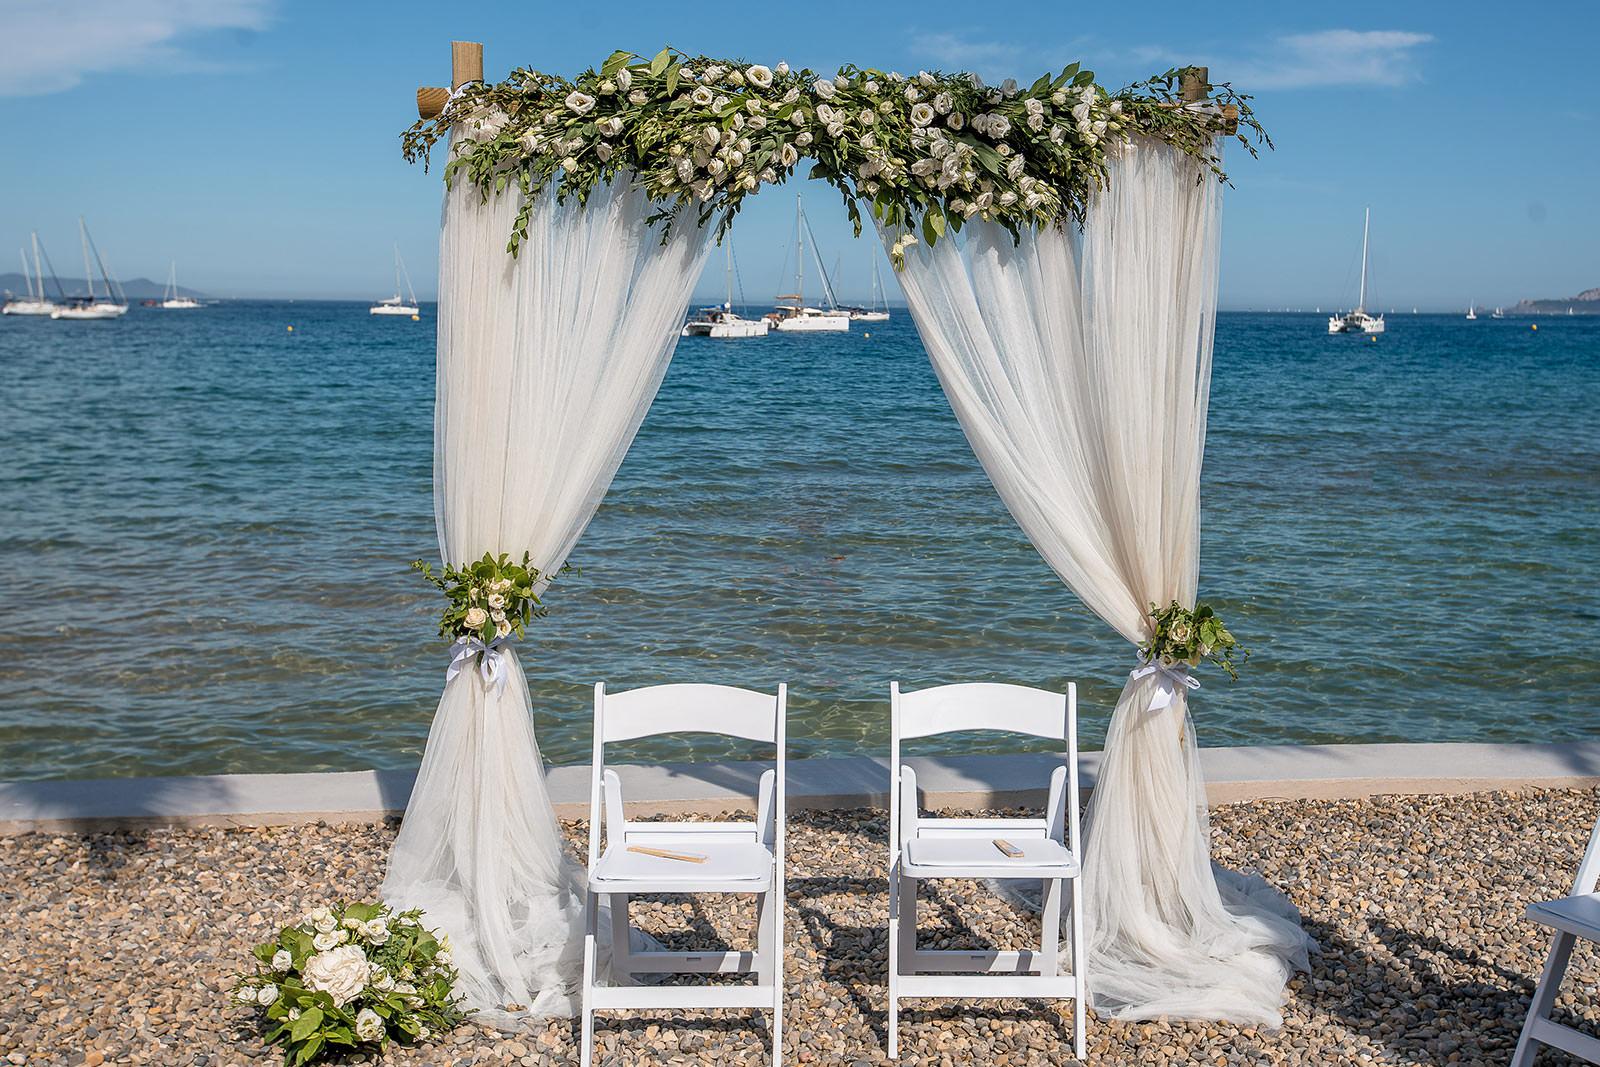 Mariage à la Mer - Chaise des mariés - Coralie et NicolasAlliance Rêvée